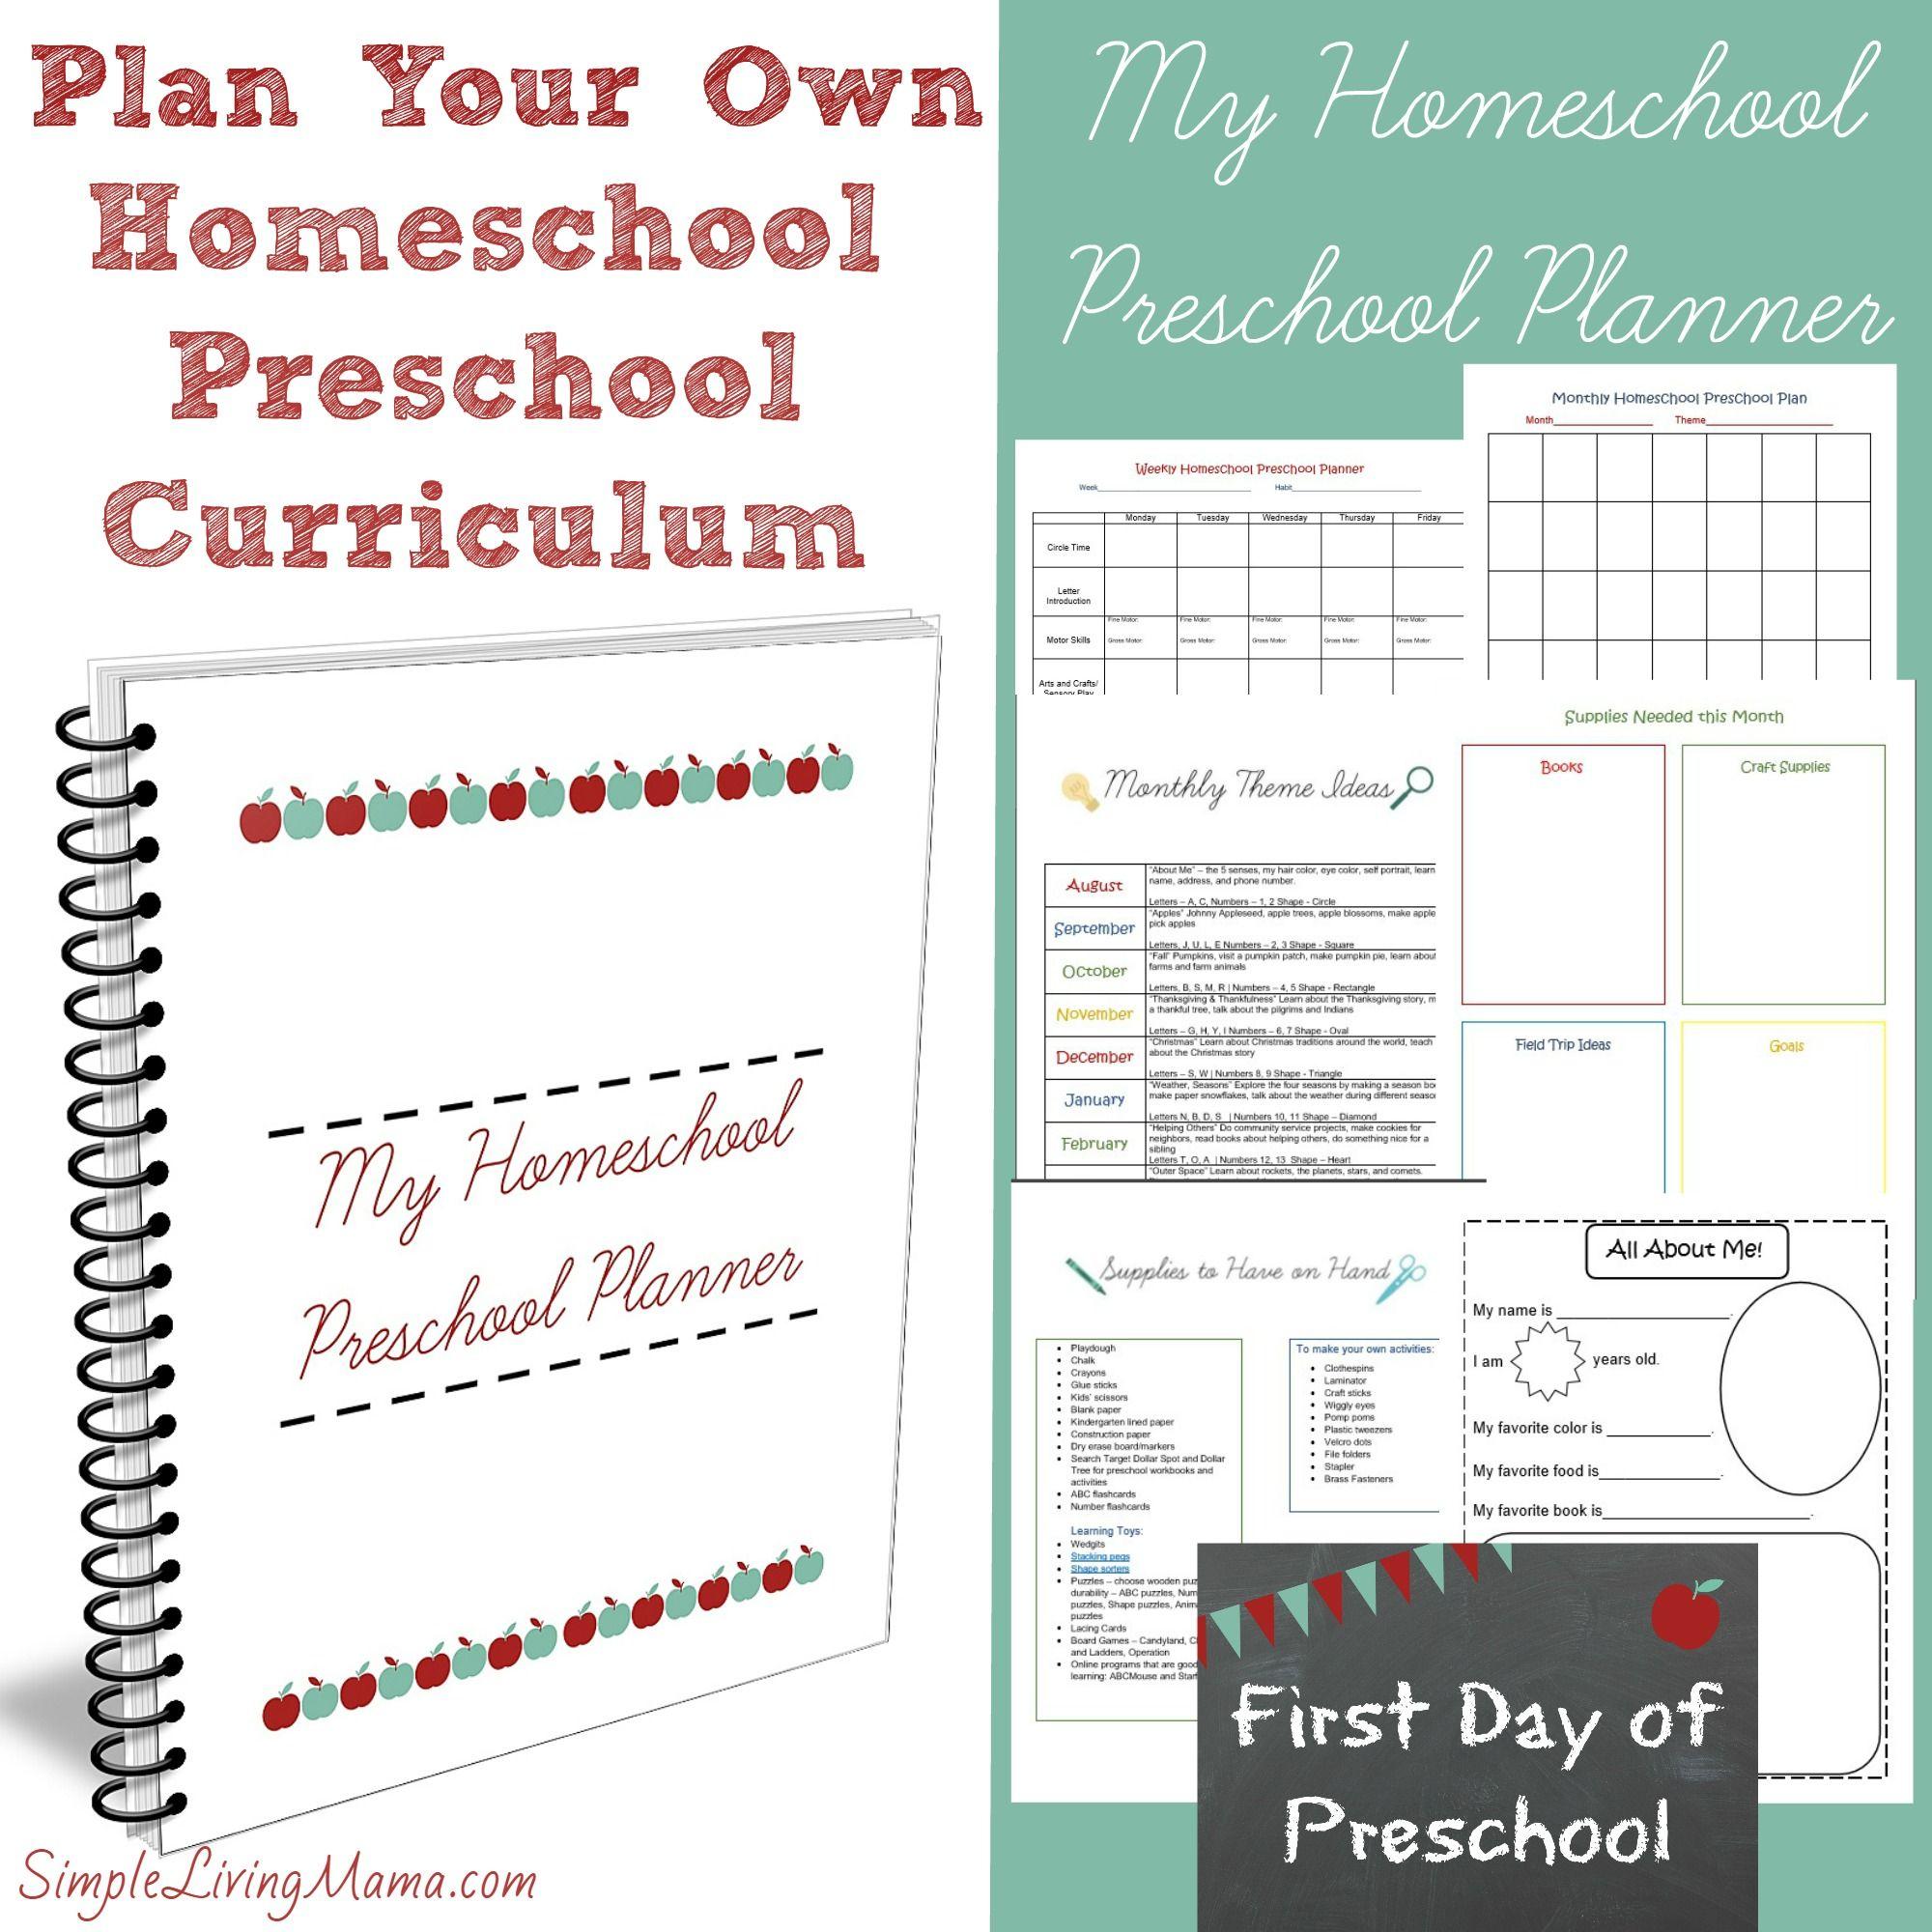 my homeschool preschool planner | pinterest | homeschool preschool